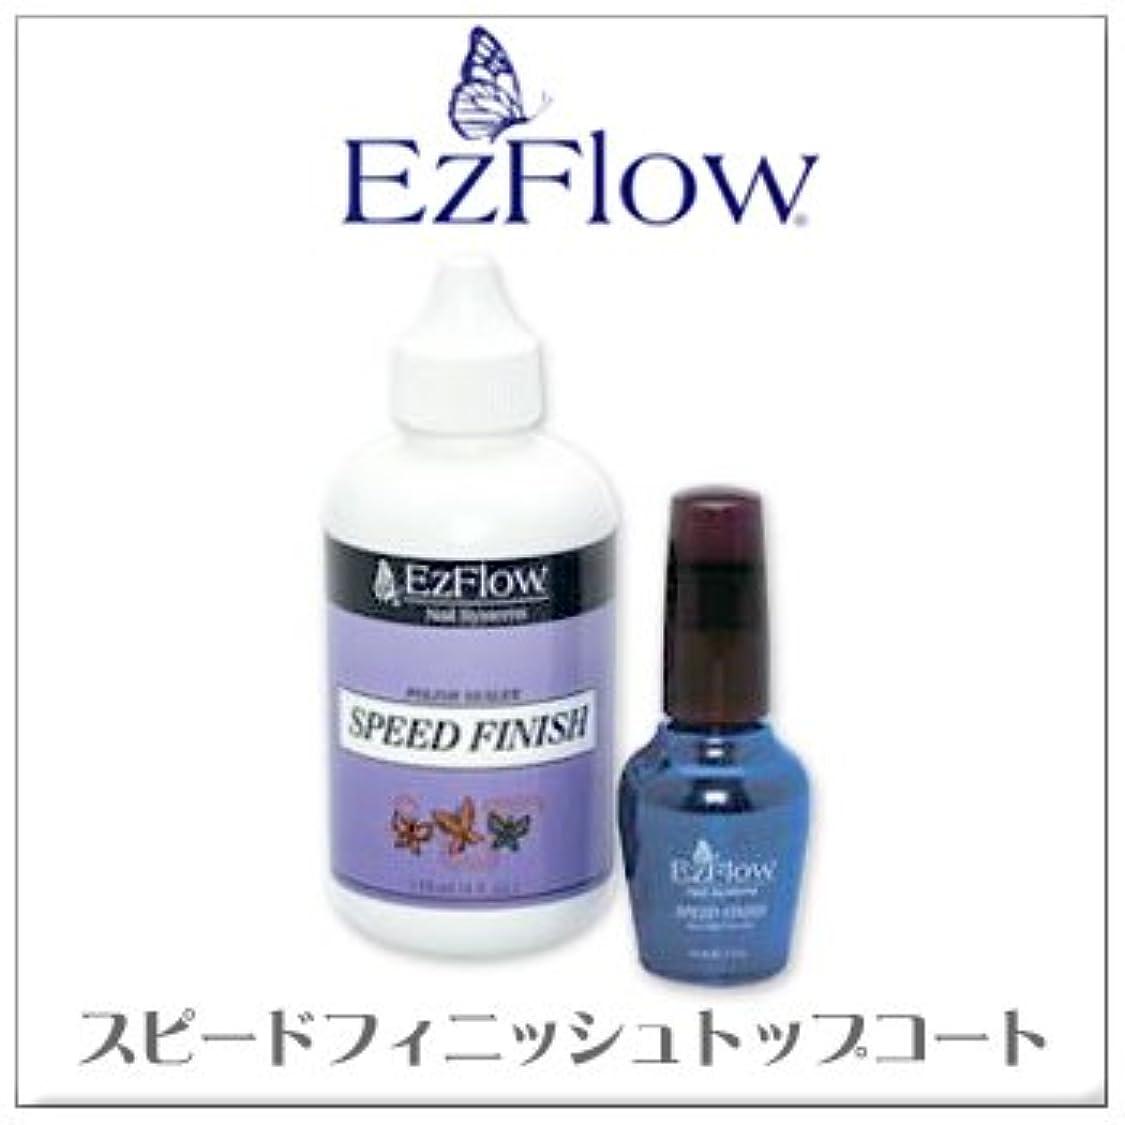 凍る検索星Ez-Flow (イージーフロー) スピードフィニッシュトップコート (1/2oz)